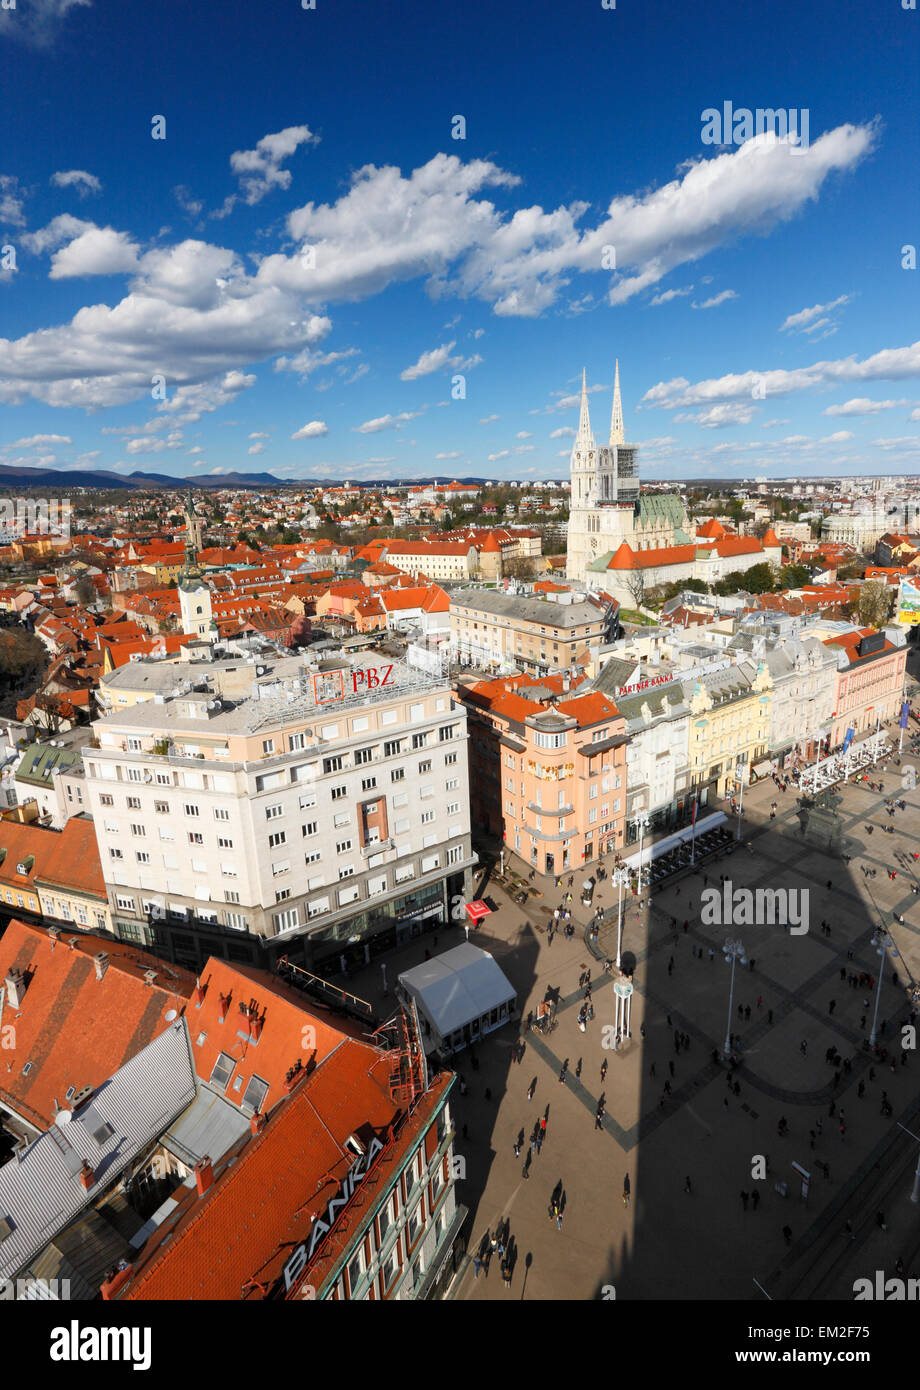 Vue aérienne de Zagreb. Jelacic et cathédrale de Zagreb. Photo Stock